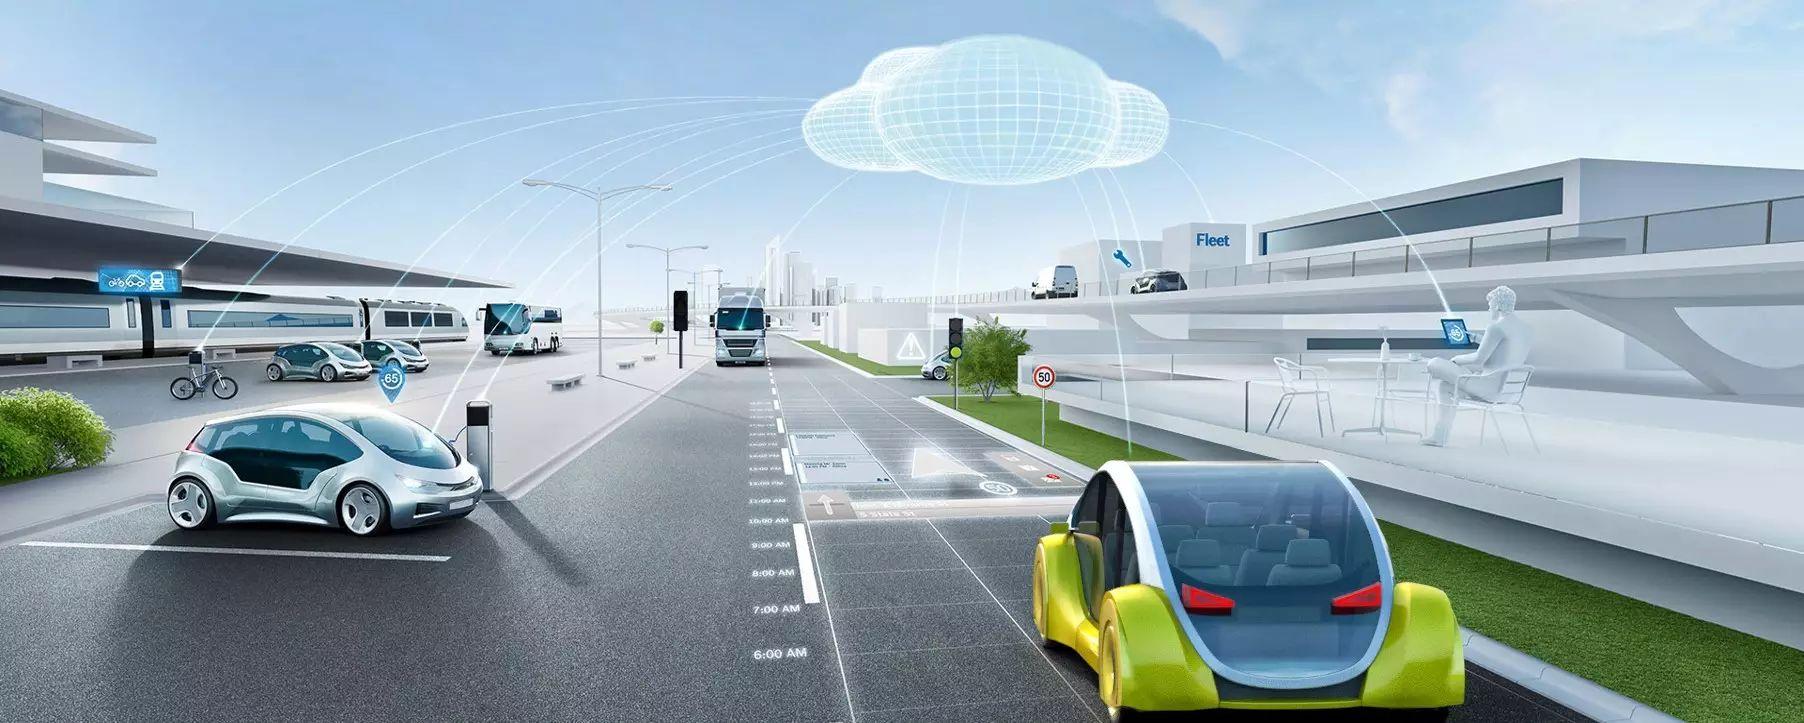 04_人工智能、云技术和区块链技术 – 拥有博世智能化互联技术的各种解决方案将改变我们的生活.jpg